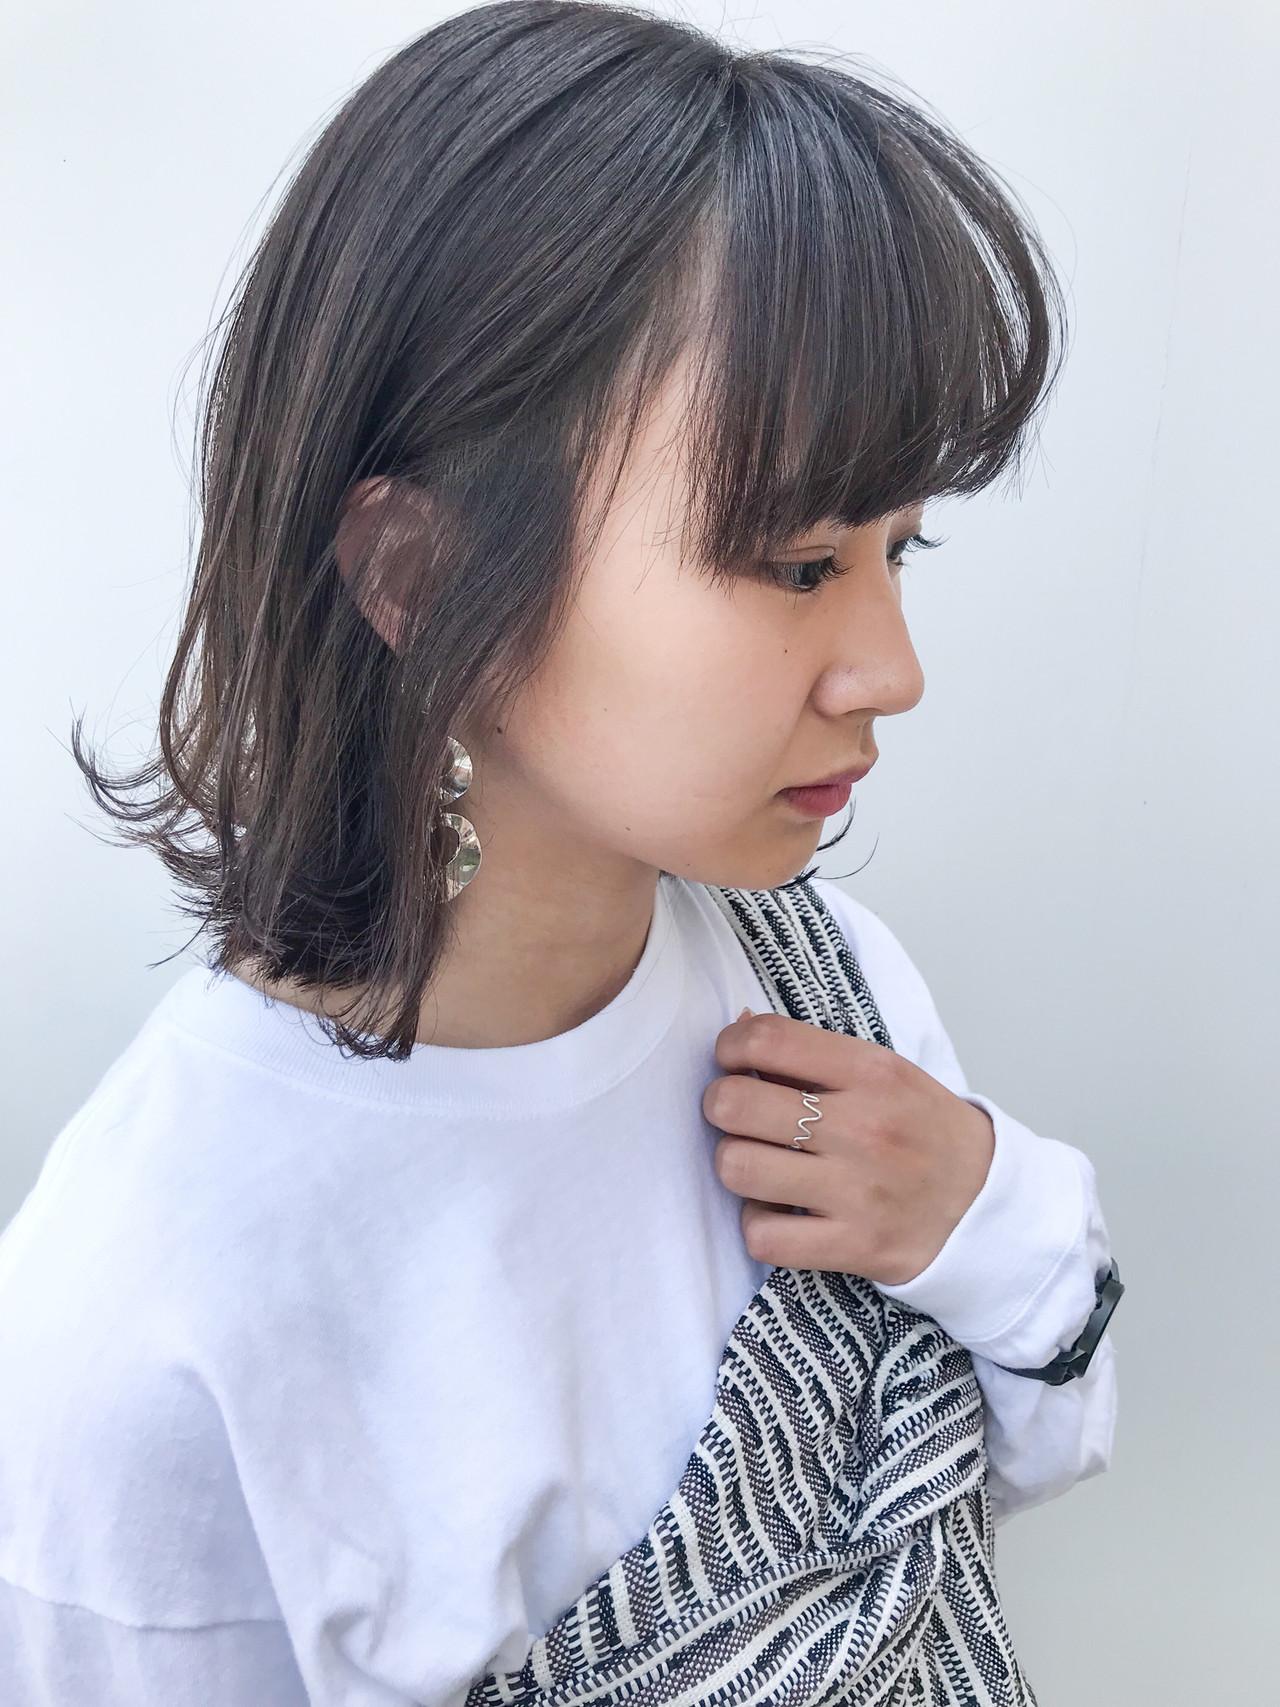 ミディアム 横顔美人 オフィス コンサバ ヘアスタイルや髪型の写真・画像 | HIROKI / roijir / roijir